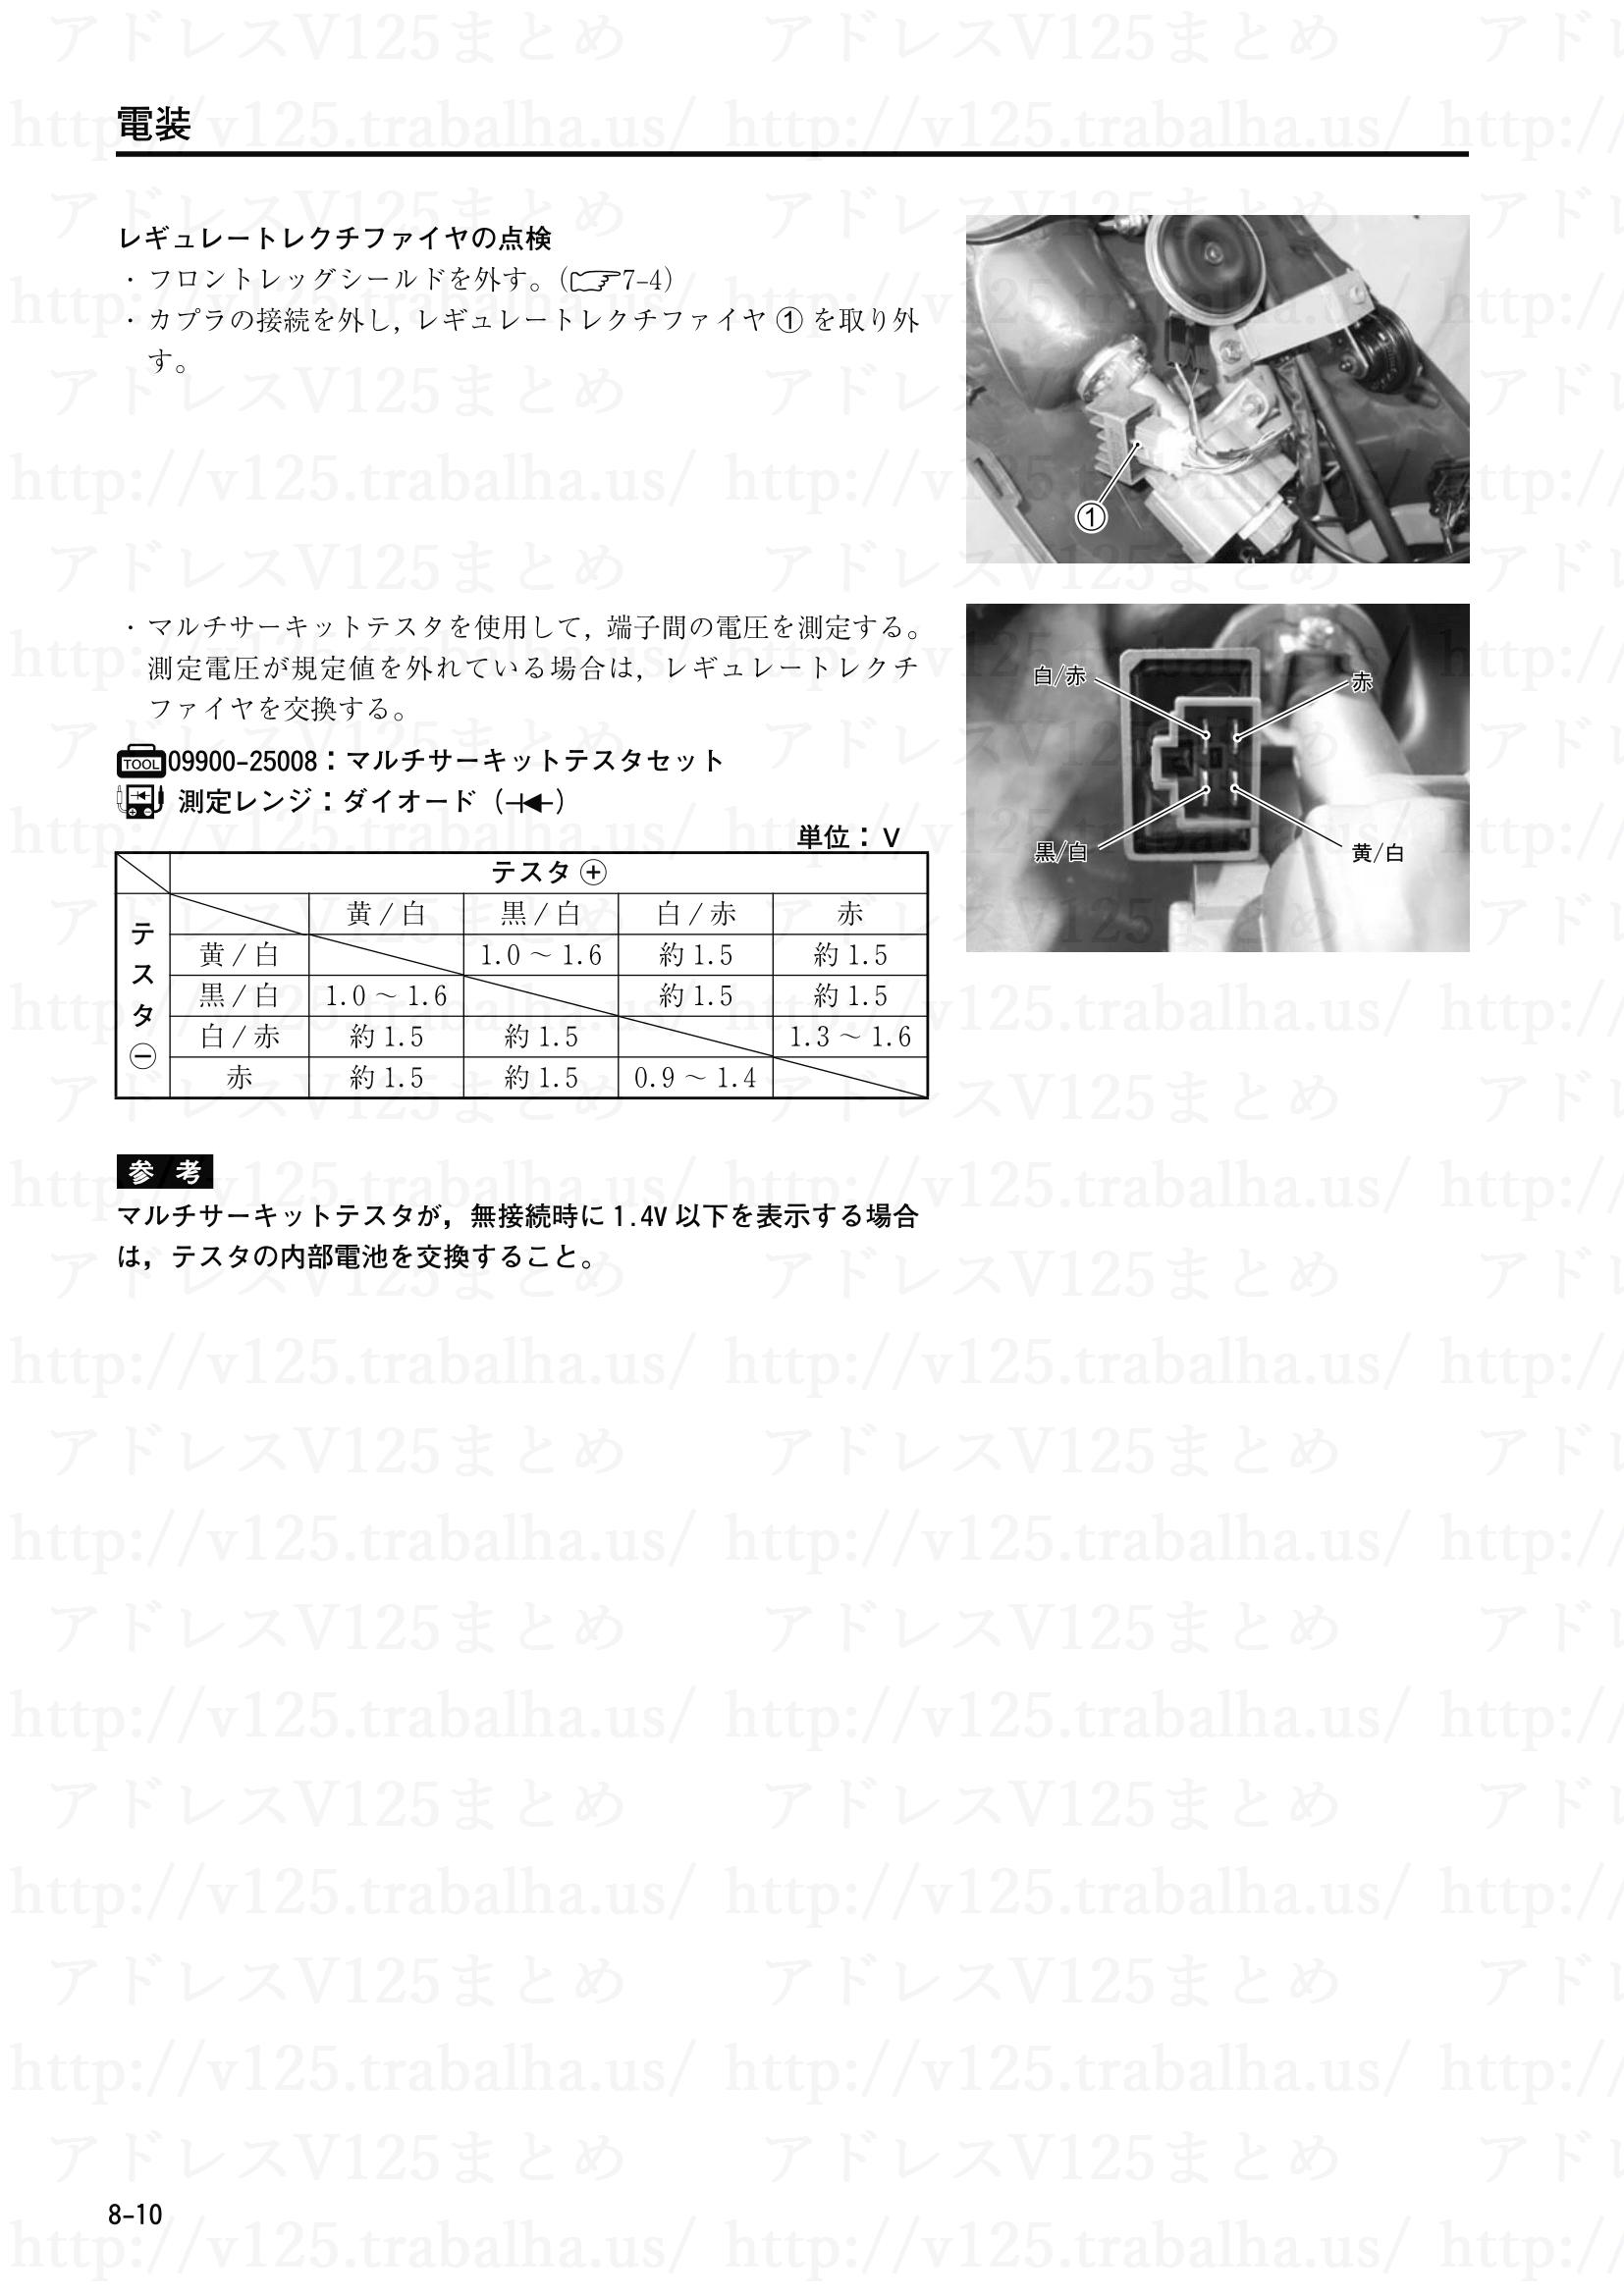 8-10【電装】レギュレートレクチファイヤの点検